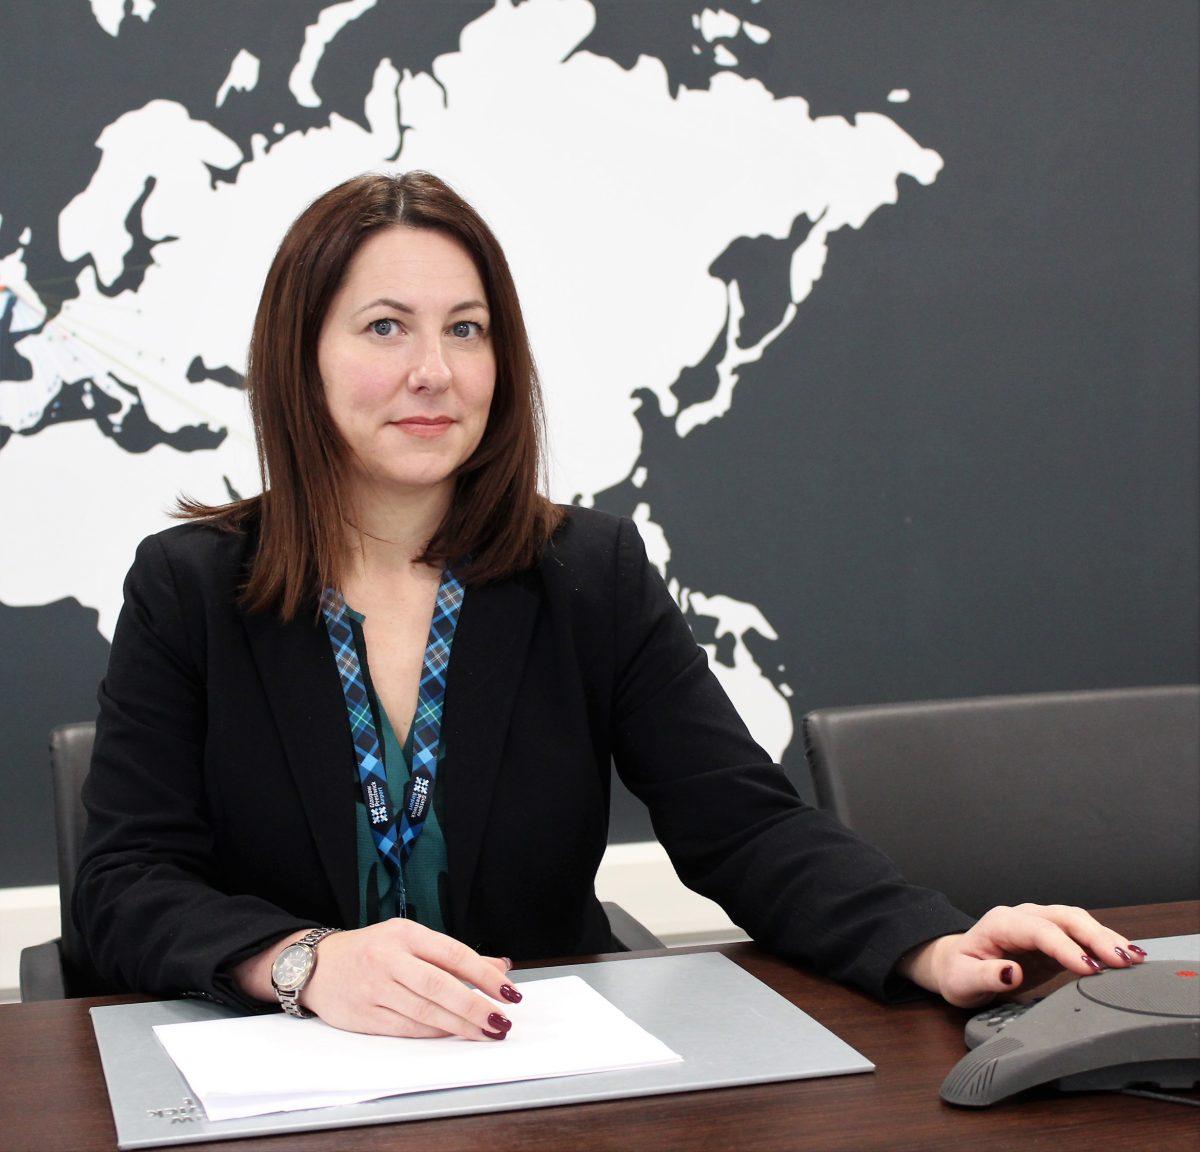 Zoe Kilpatrick – Commercial Director